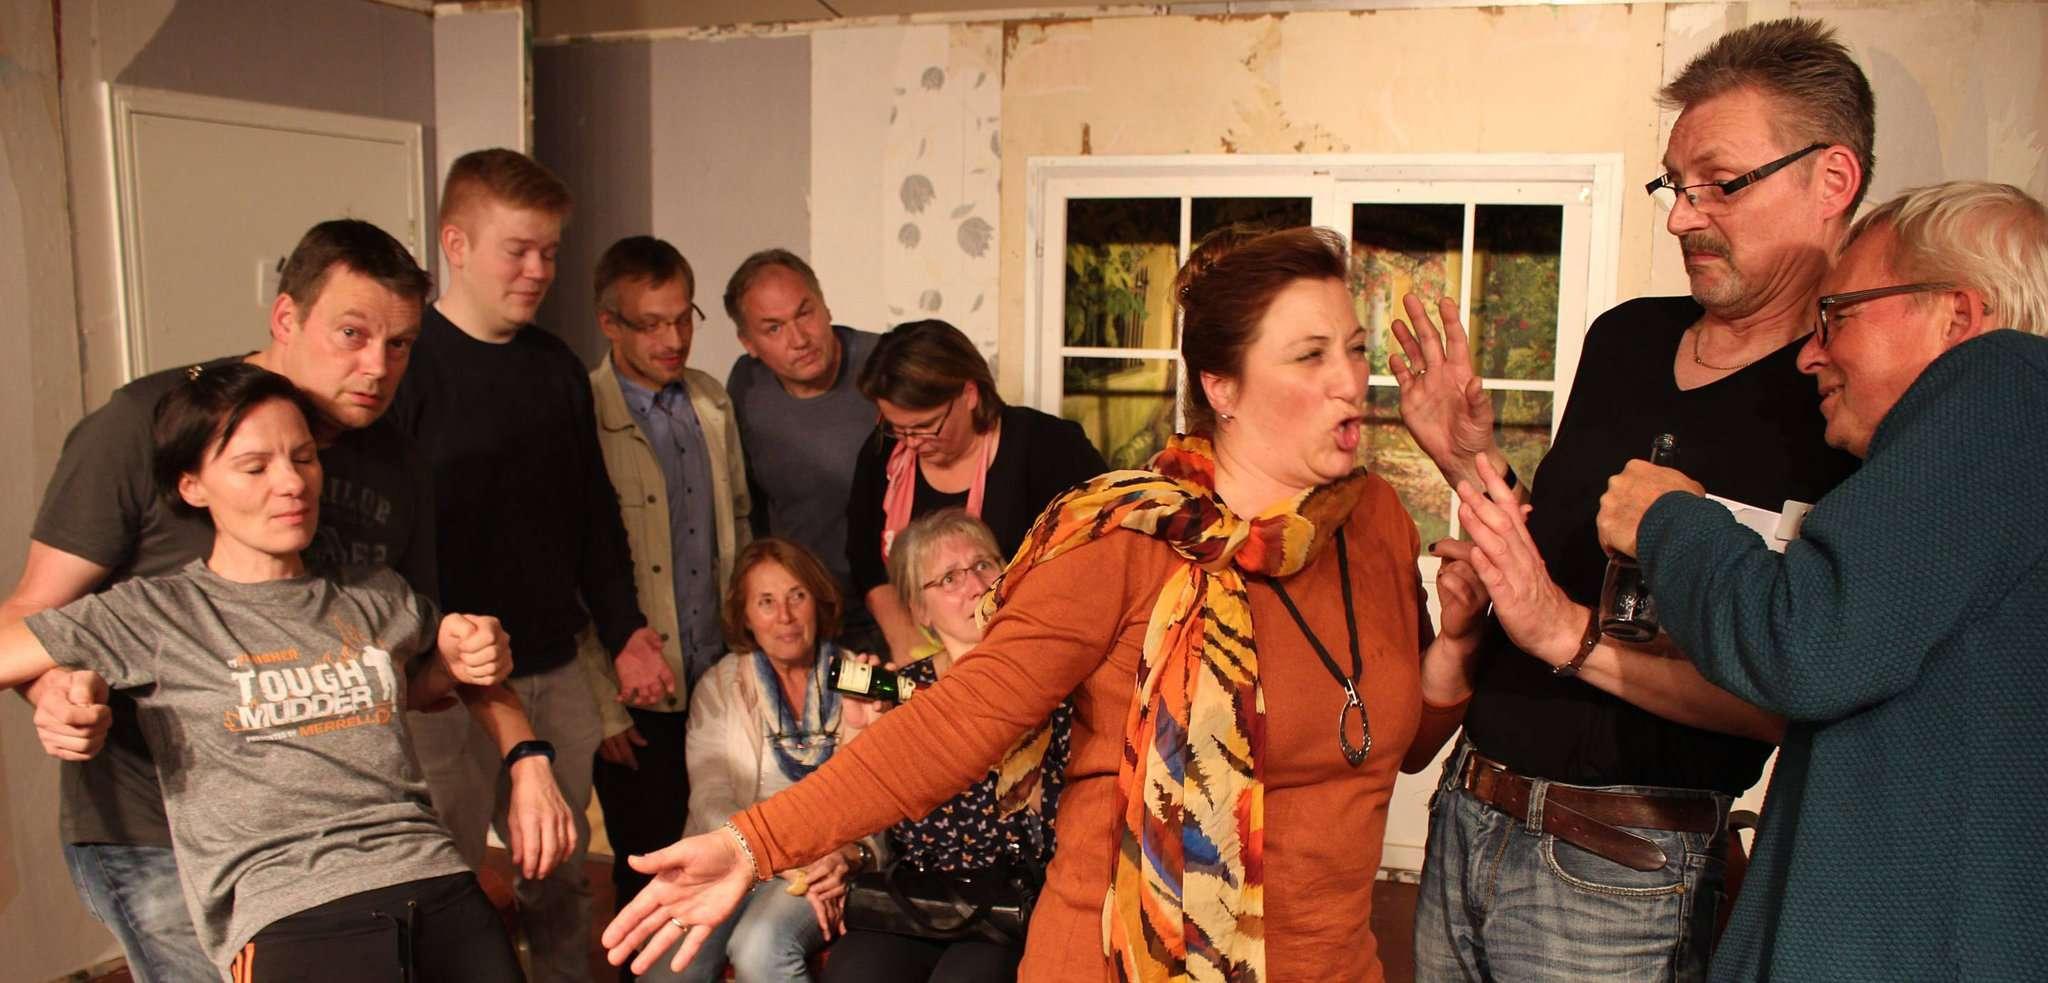 Das Ensemble des TV Sottrum ist beim Proben nicht zimperlich: Maren Bischoffs ausdrucksstarke Backpfeife schlägt im nächsten Augenblick bei Jens Högermeyer und Andree Siemund-Scheffelmeier ein.